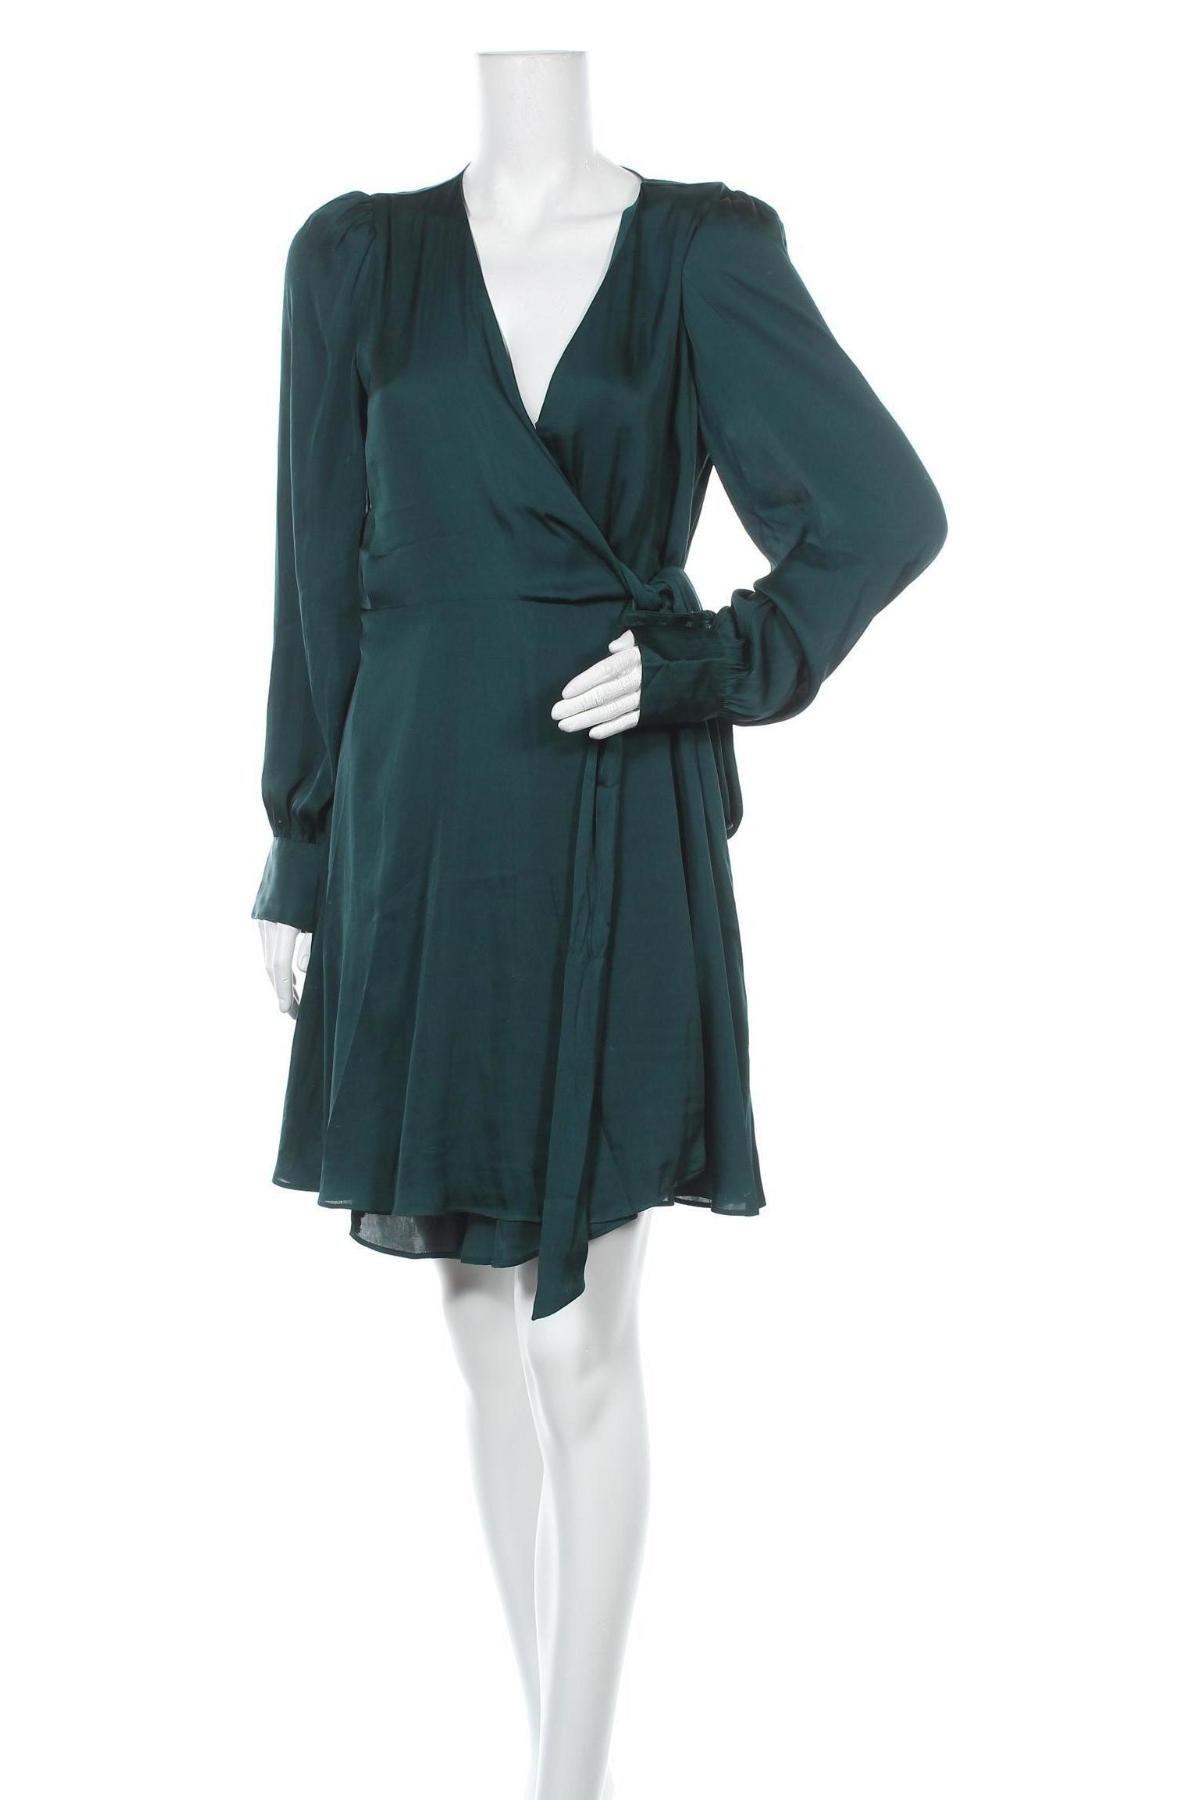 Φόρεμα Banana Republic, Μέγεθος M, Χρώμα Πράσινο, Πολυεστέρας, Τιμή 64,95€